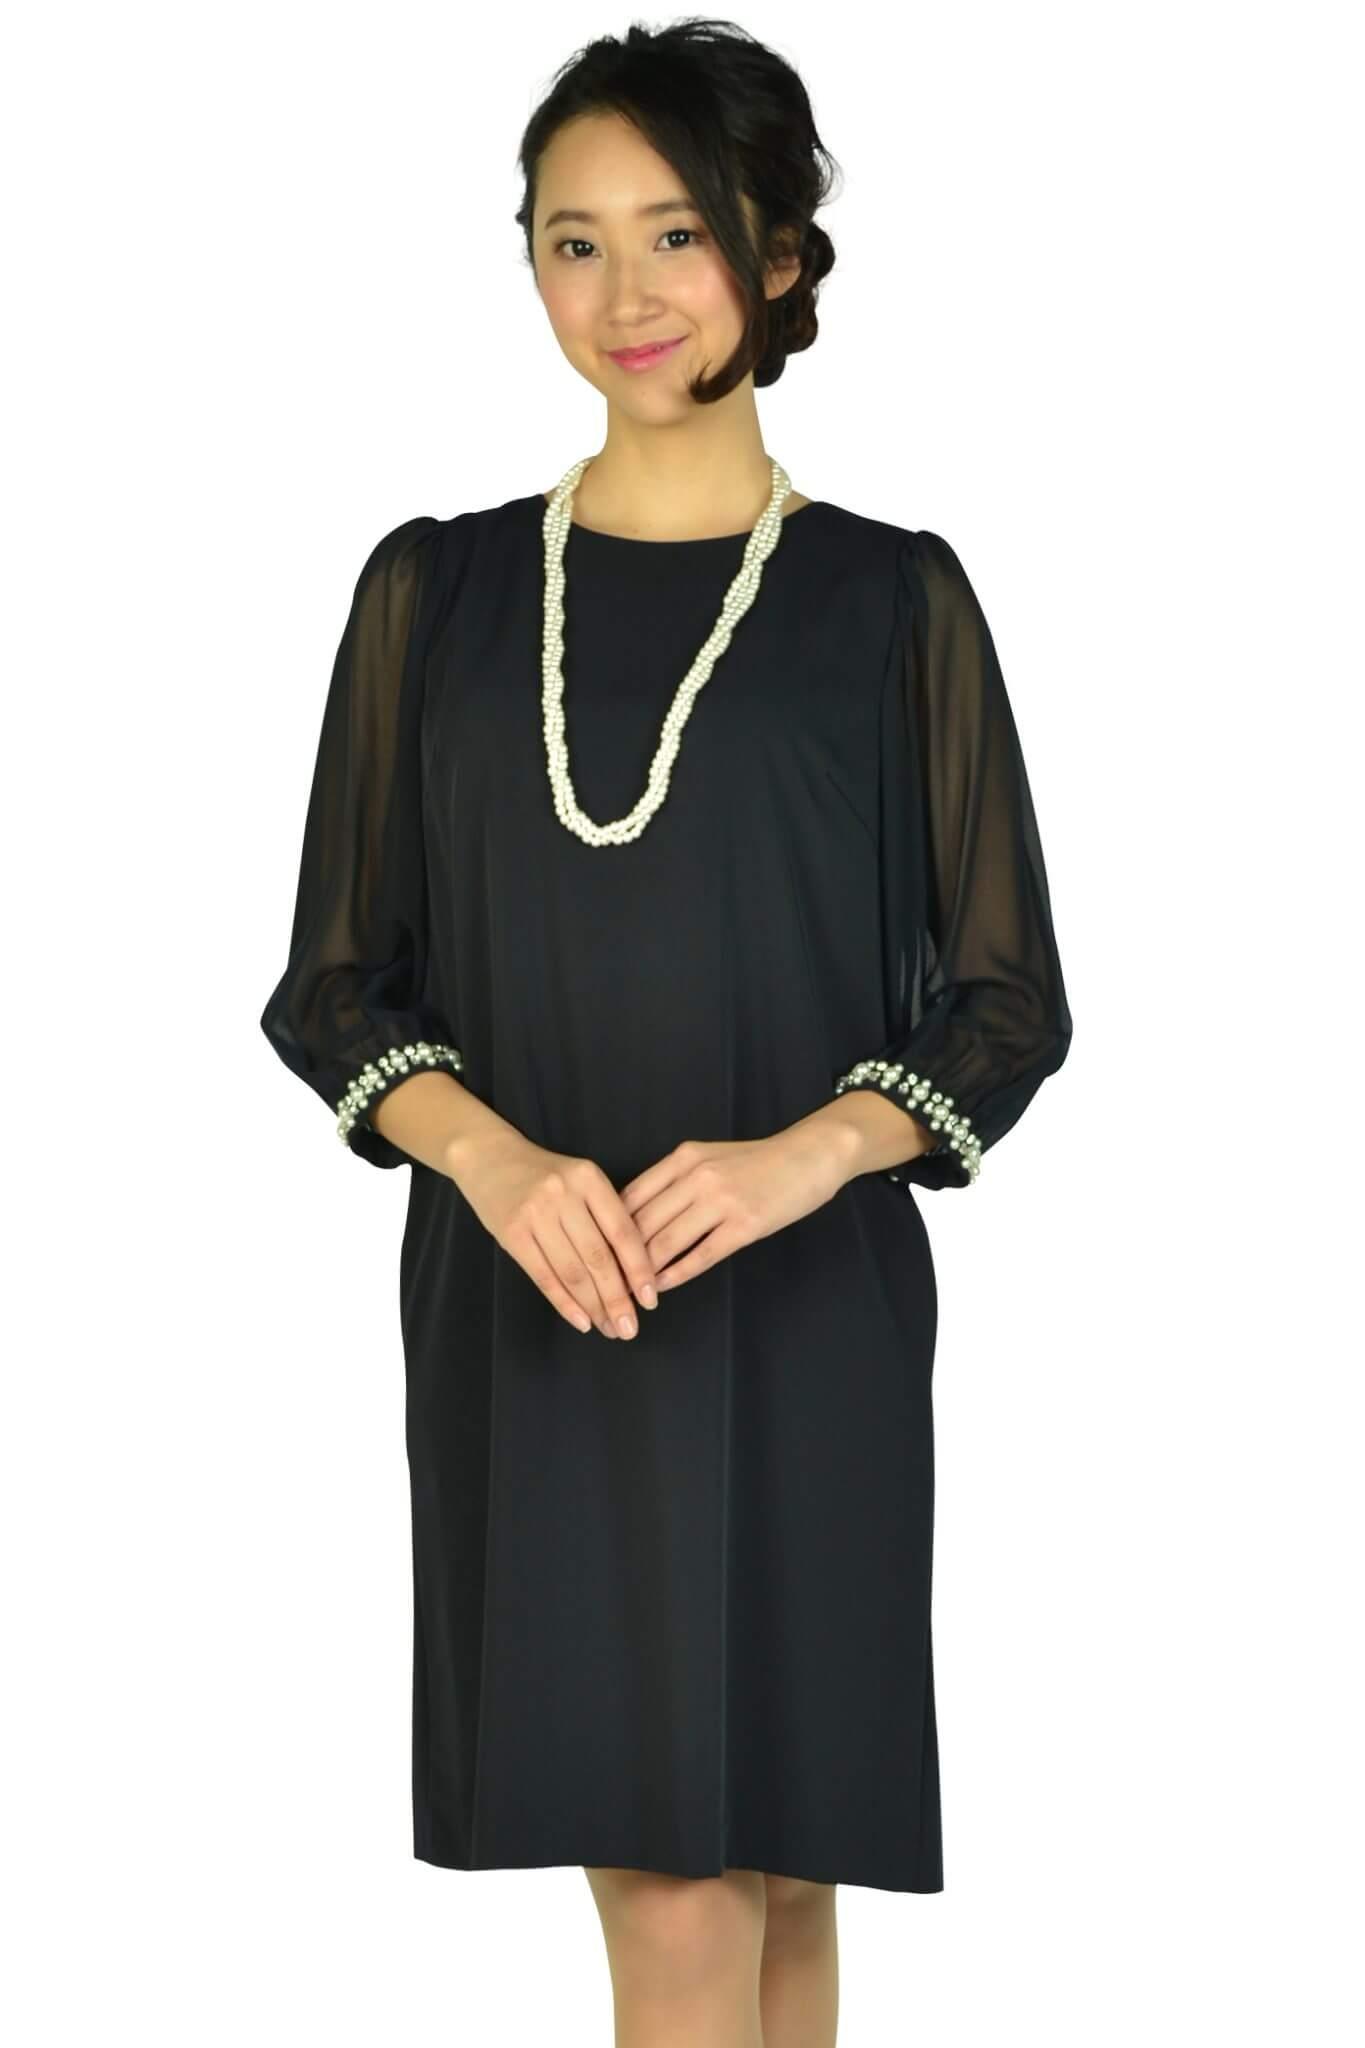 アティラントーレ (Attirantore)シースルー袖濃紺ドレス